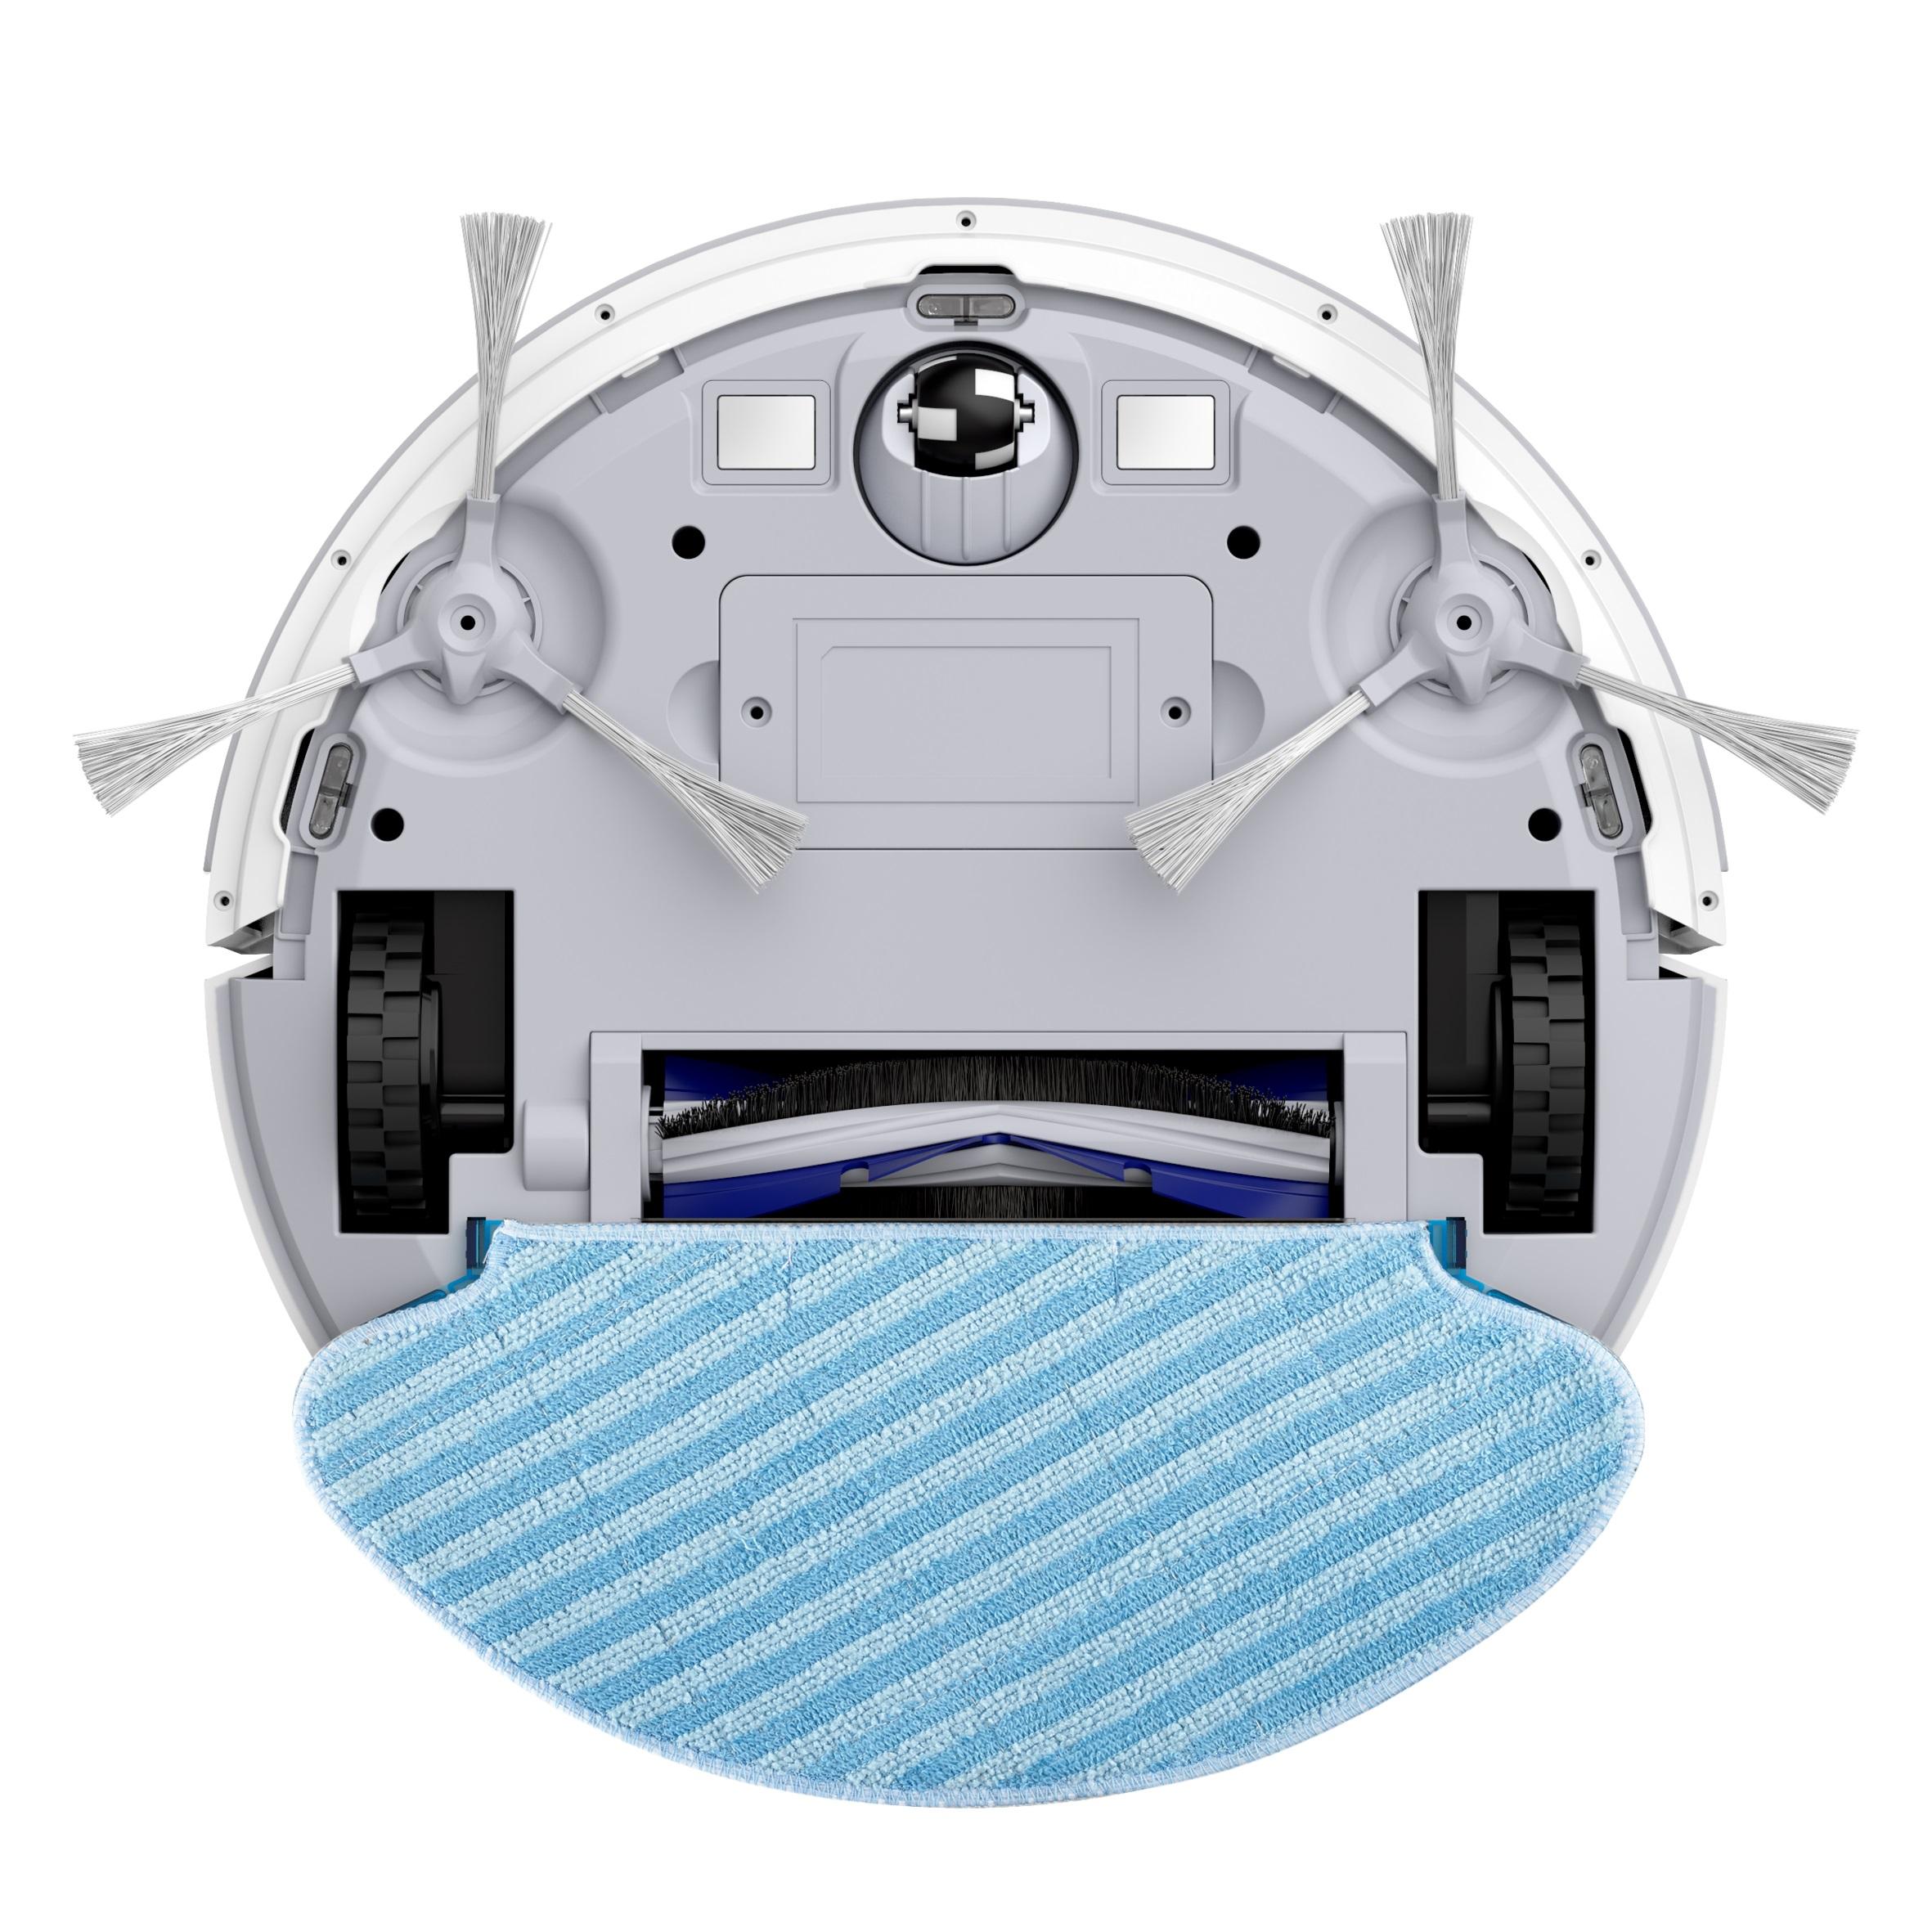 Robotski sesalnik Rowenta rr7387wh explorer s50 total care